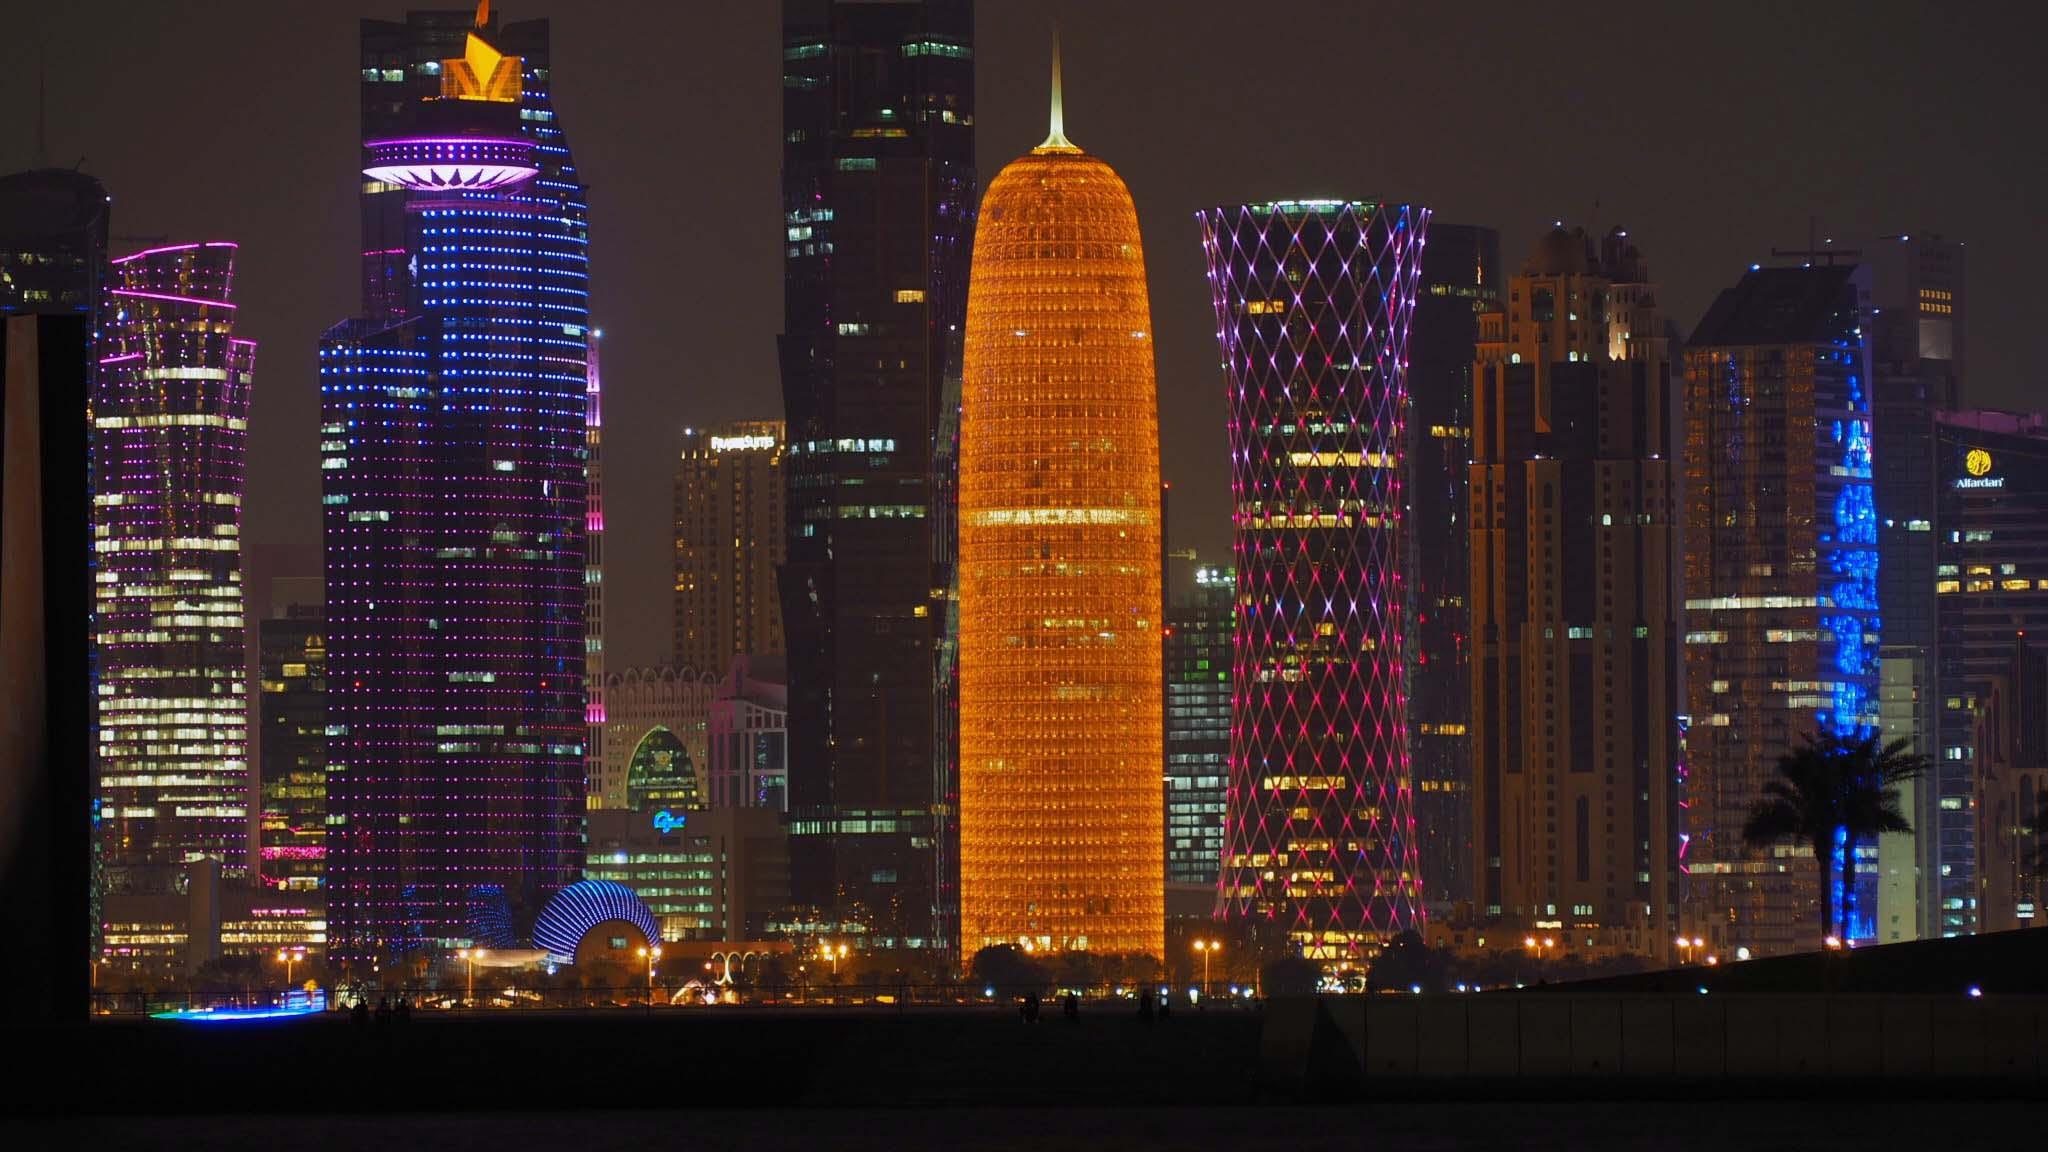 Vue sur Doha - Qatar